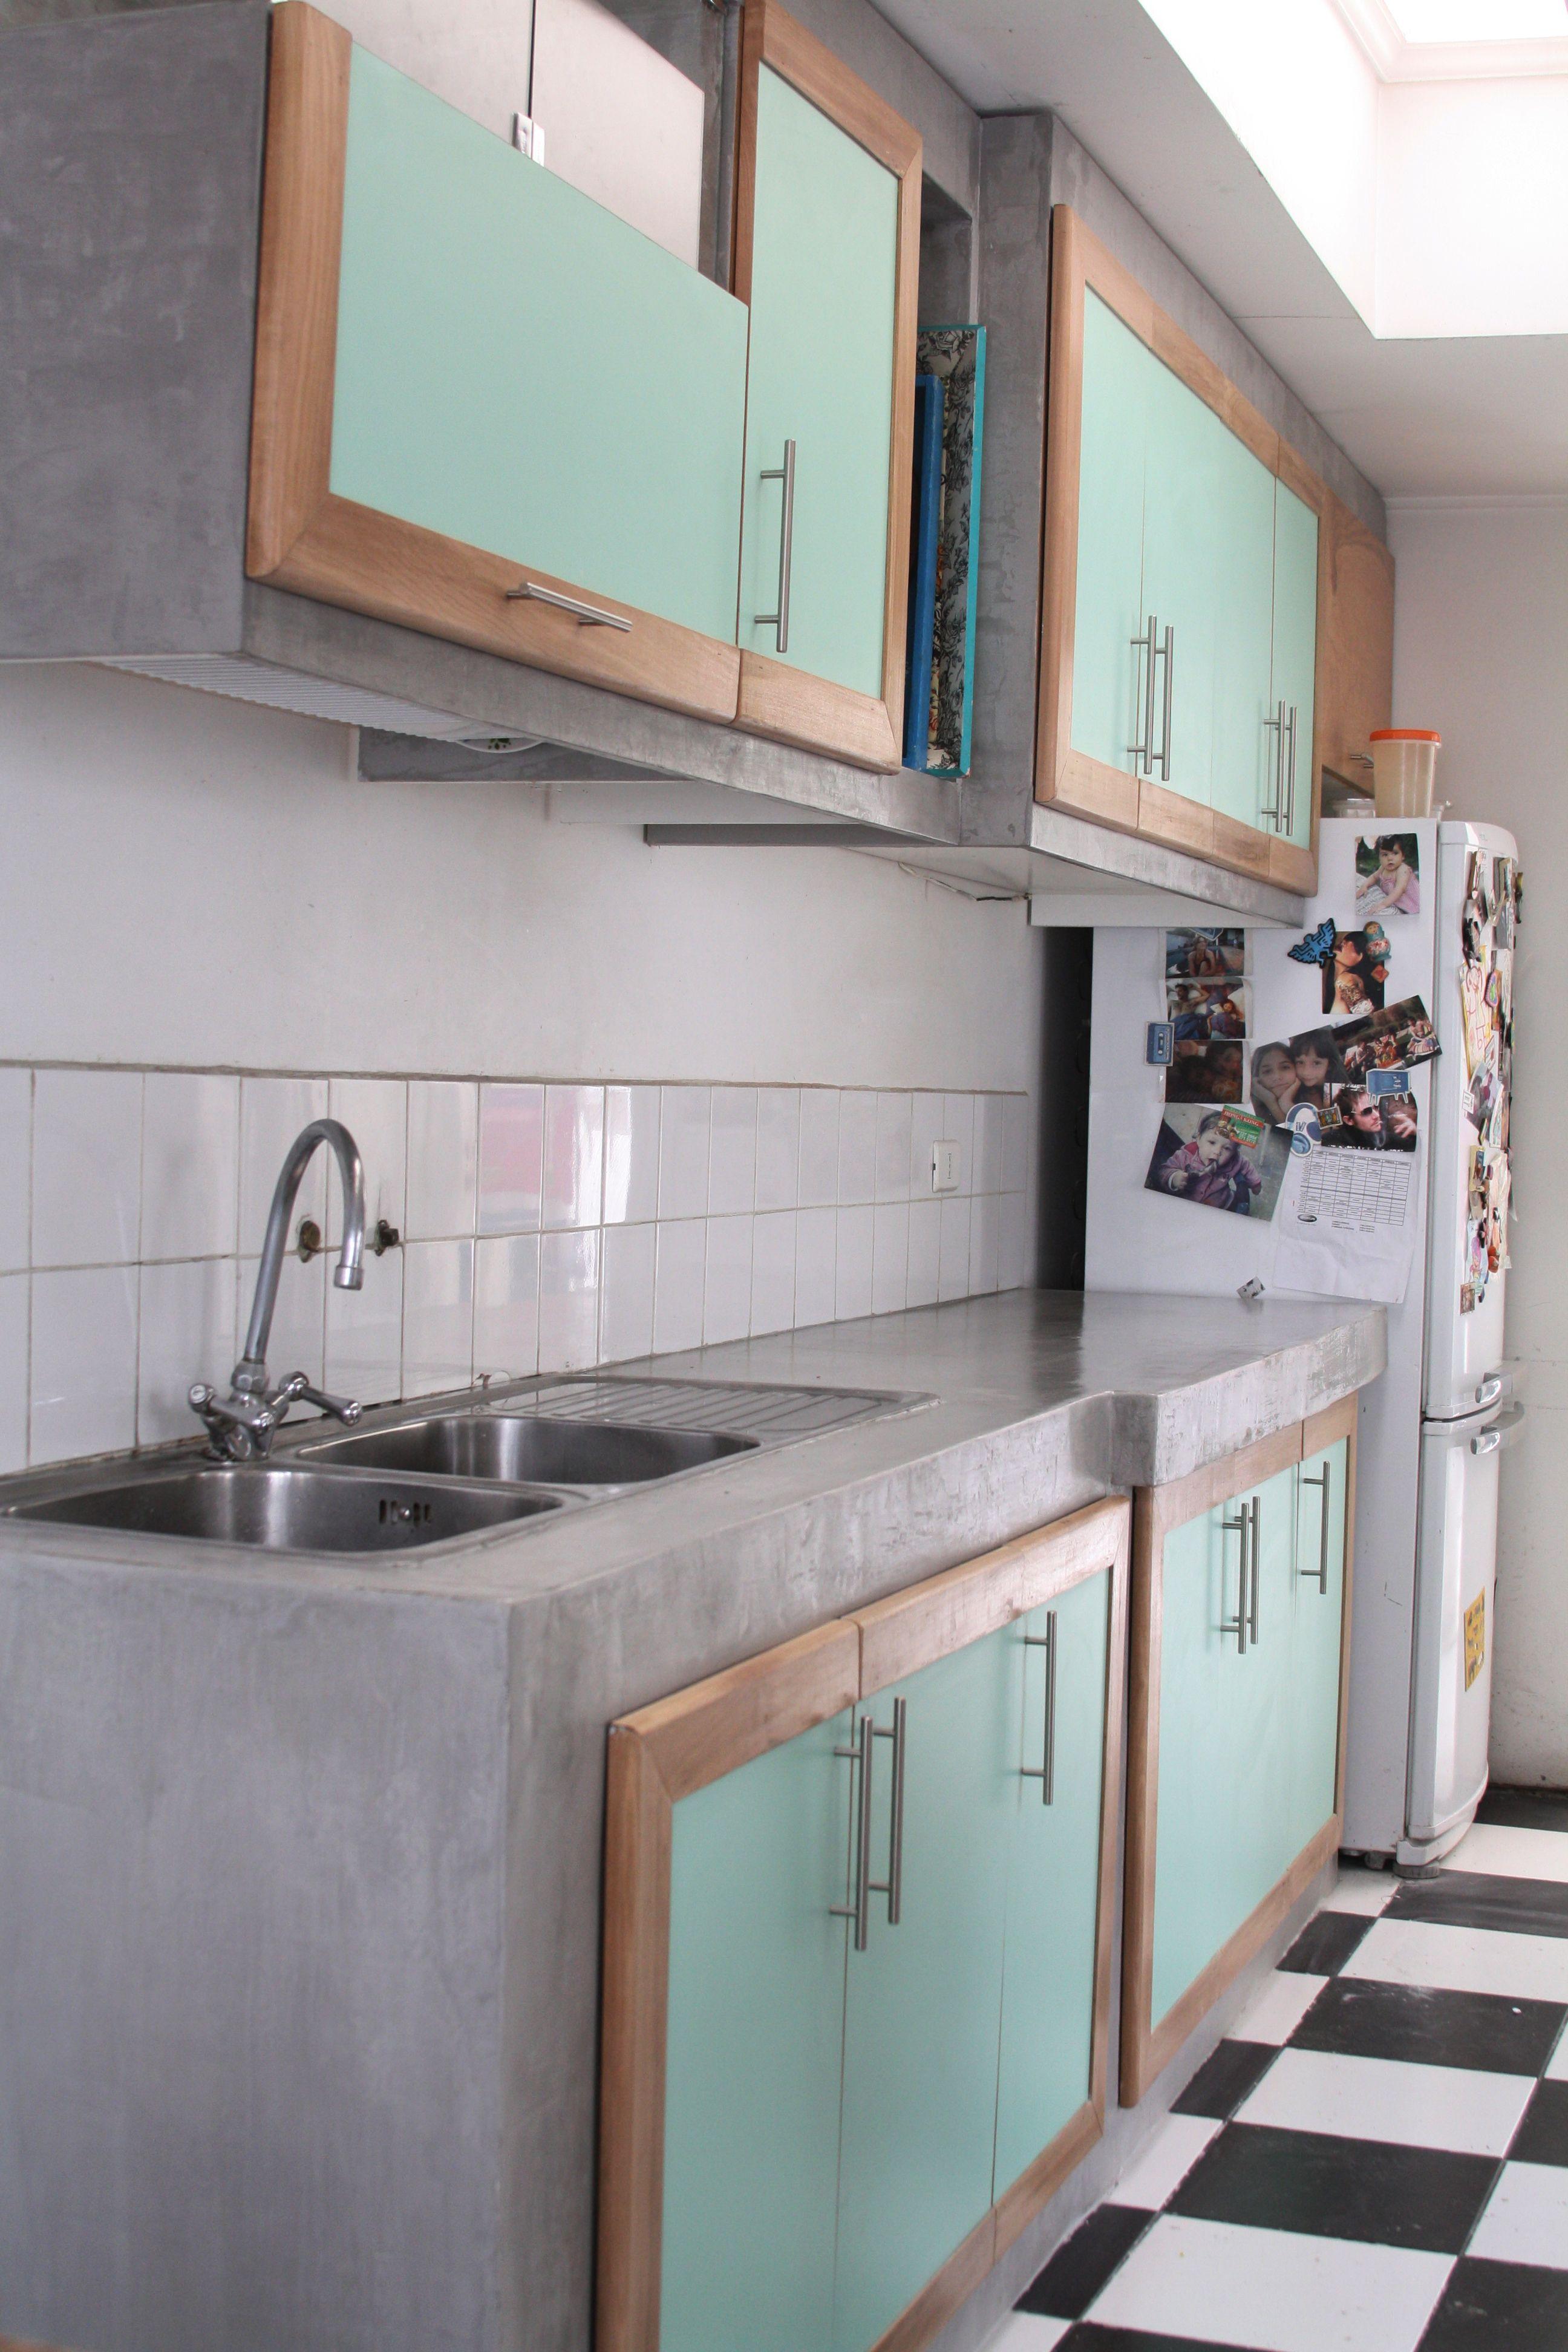 Pin von Sherly Garcia auf for my house | Pinterest | Küche, Ytong ...